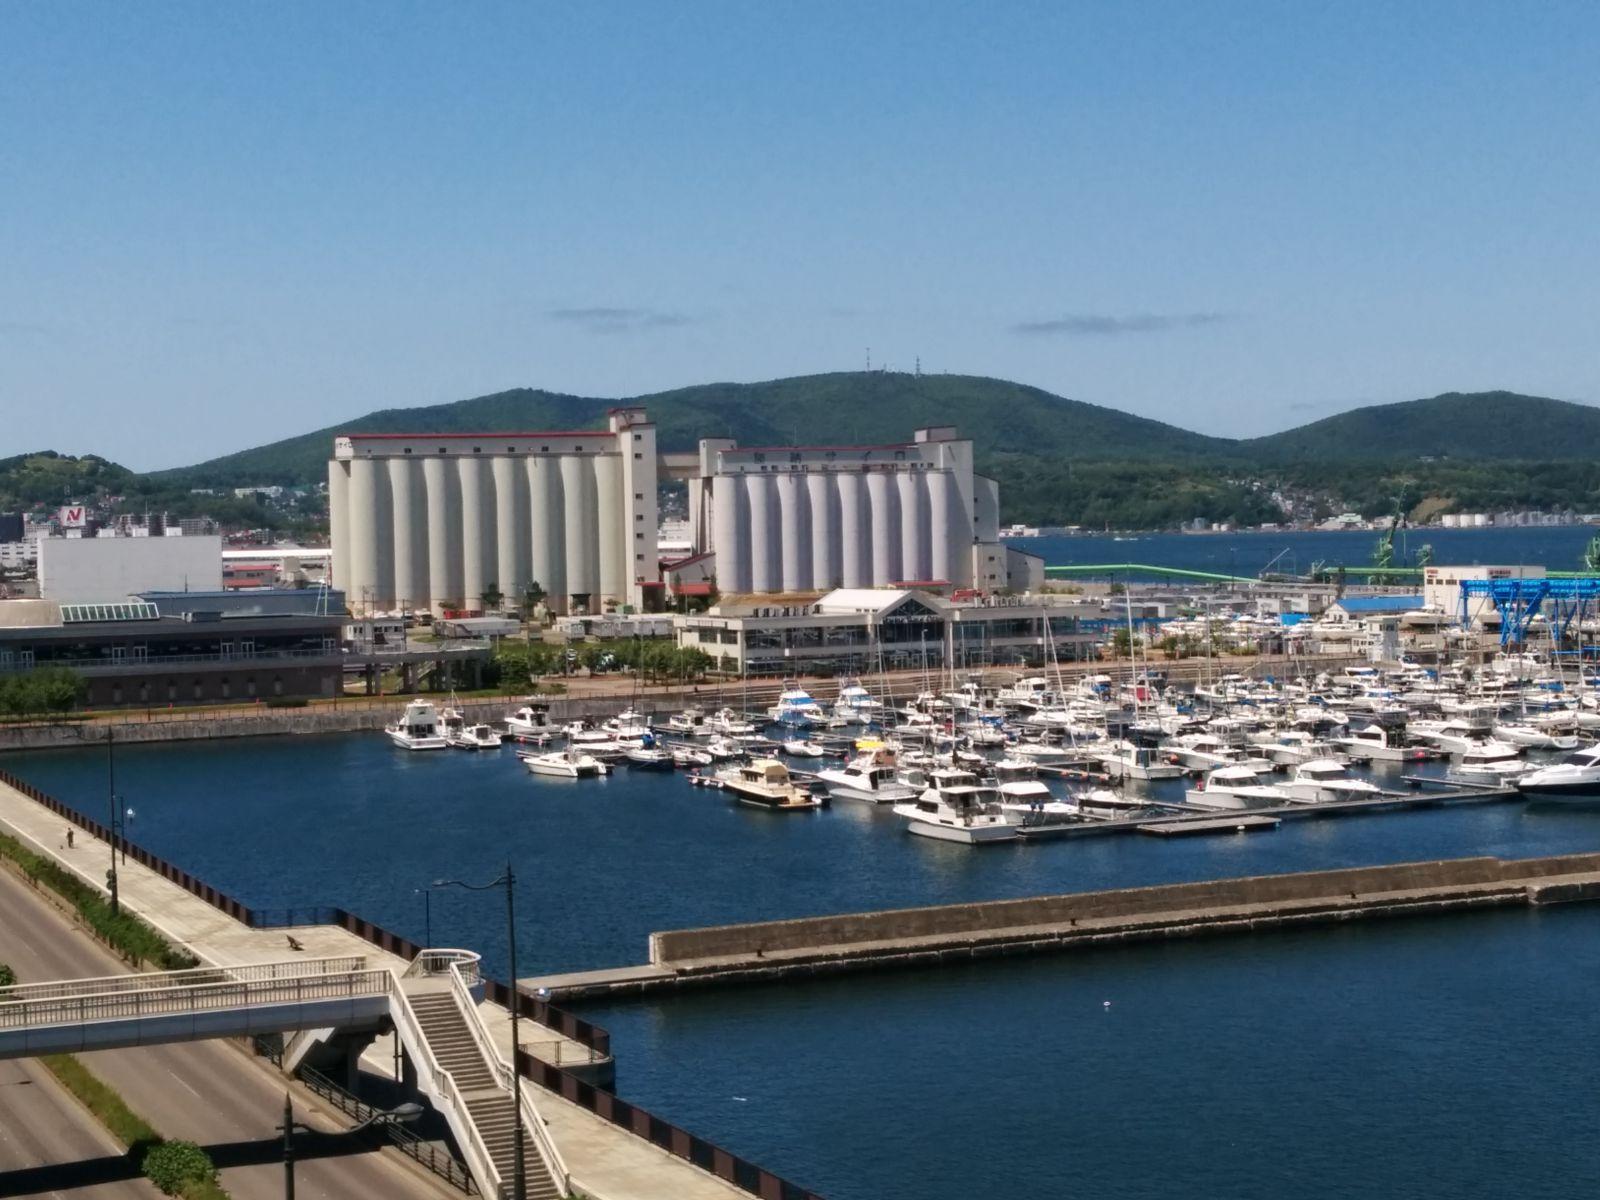 【小樽市】ウイングベイ小樽観光写真です。